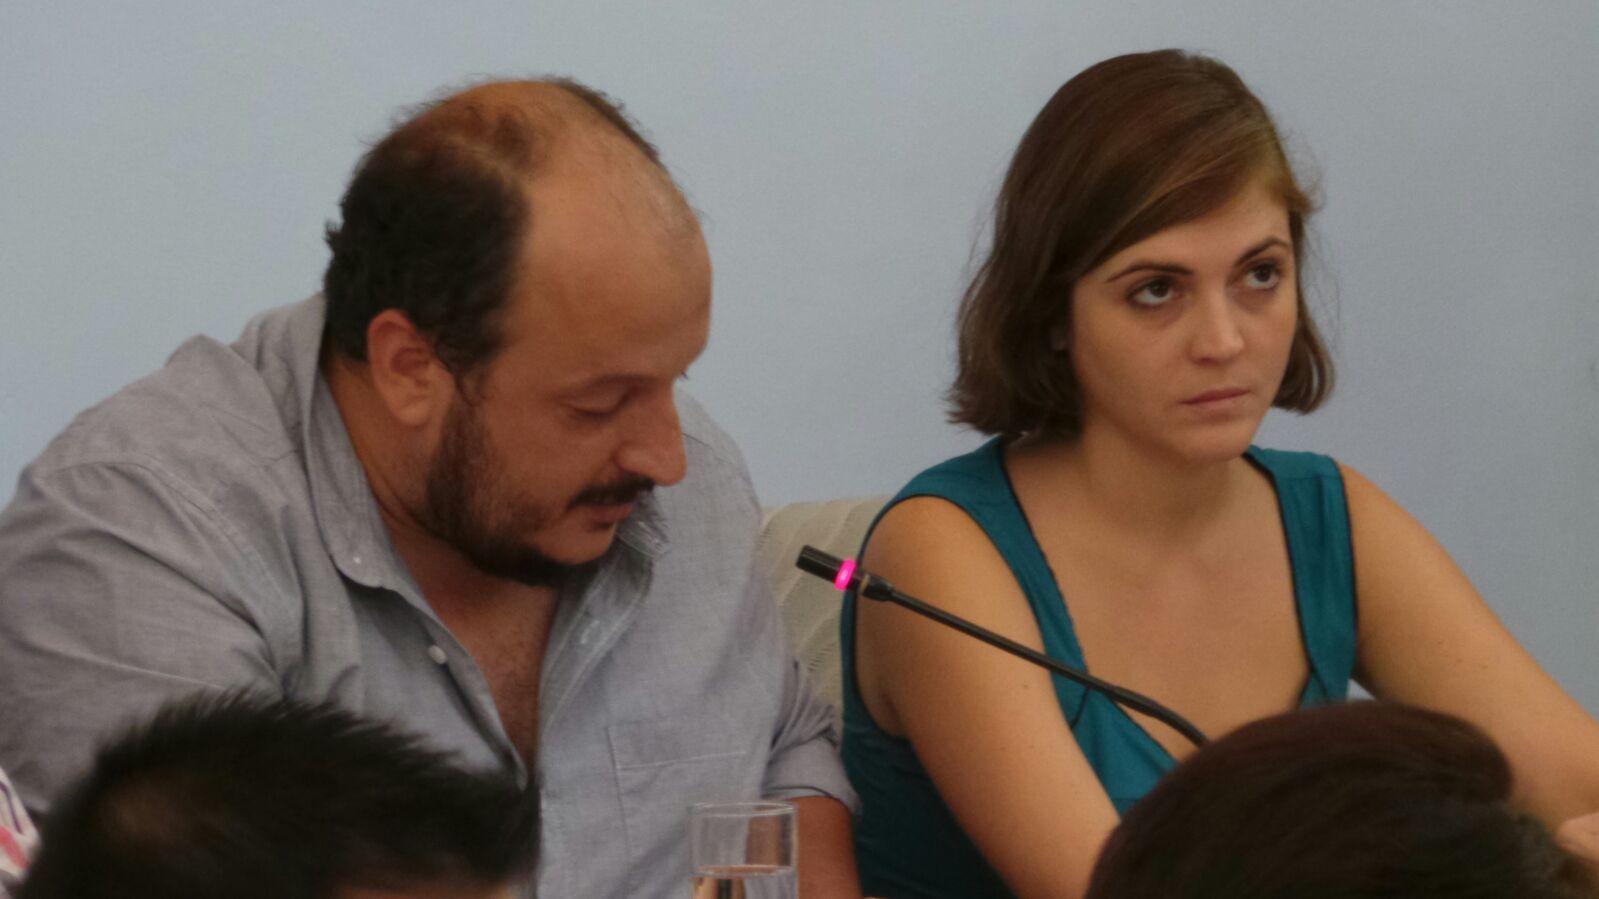 Los concejales de IU, Raúl  Ruiz-Berdejo y Ana Fernandez en el Pleno del Ayuntamiento de Jerez. MIRA Jerez